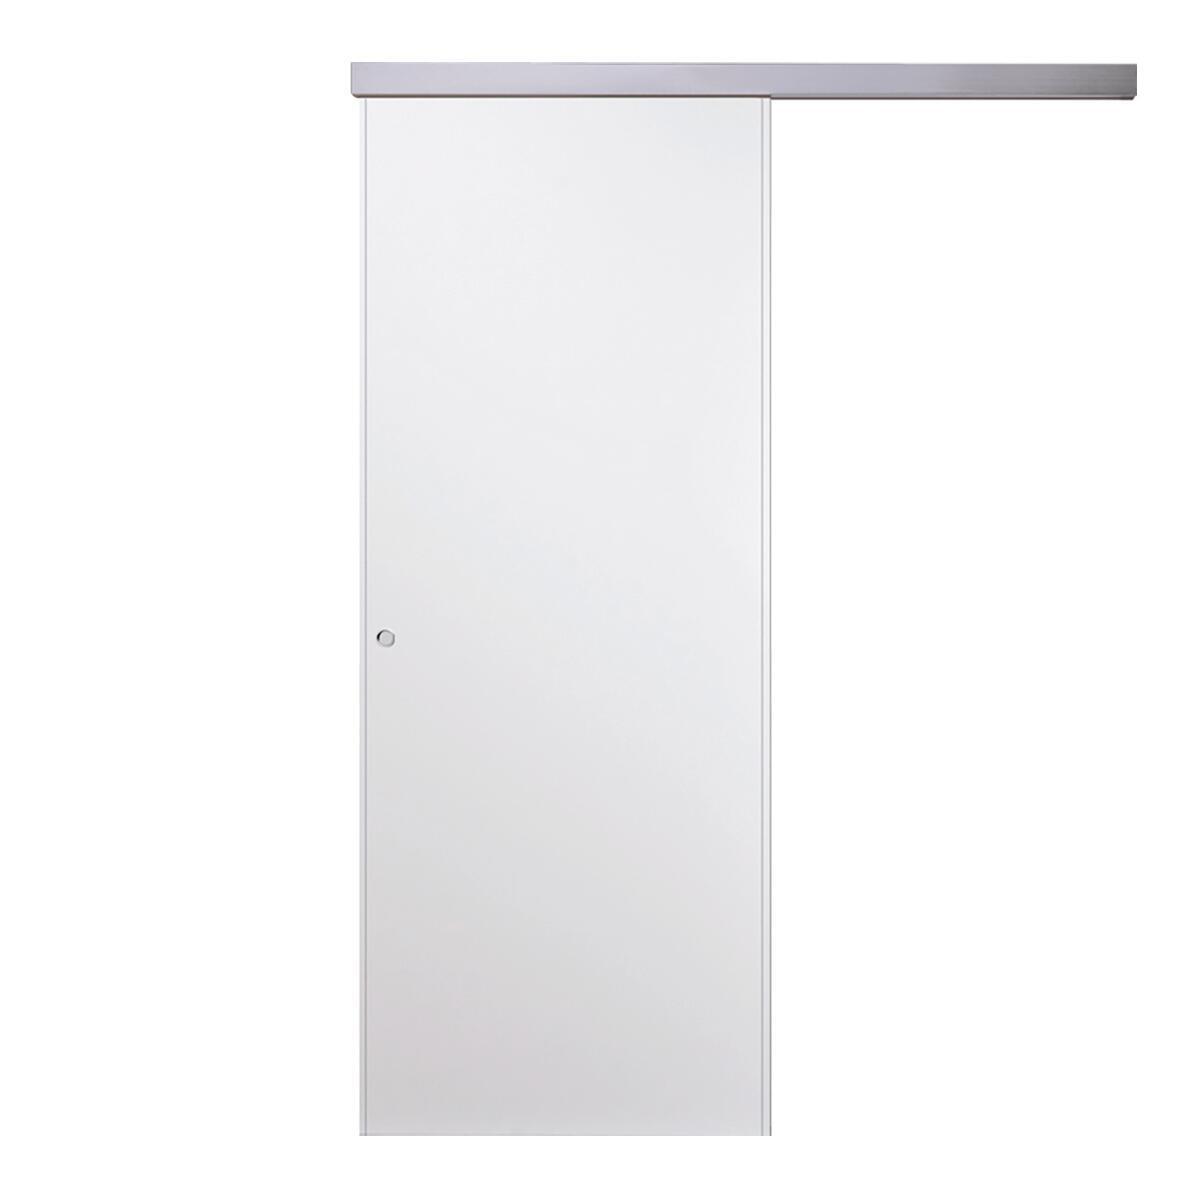 Porta scorrevole con binario esterno Vega in mdf, L 70 x H 210 cm